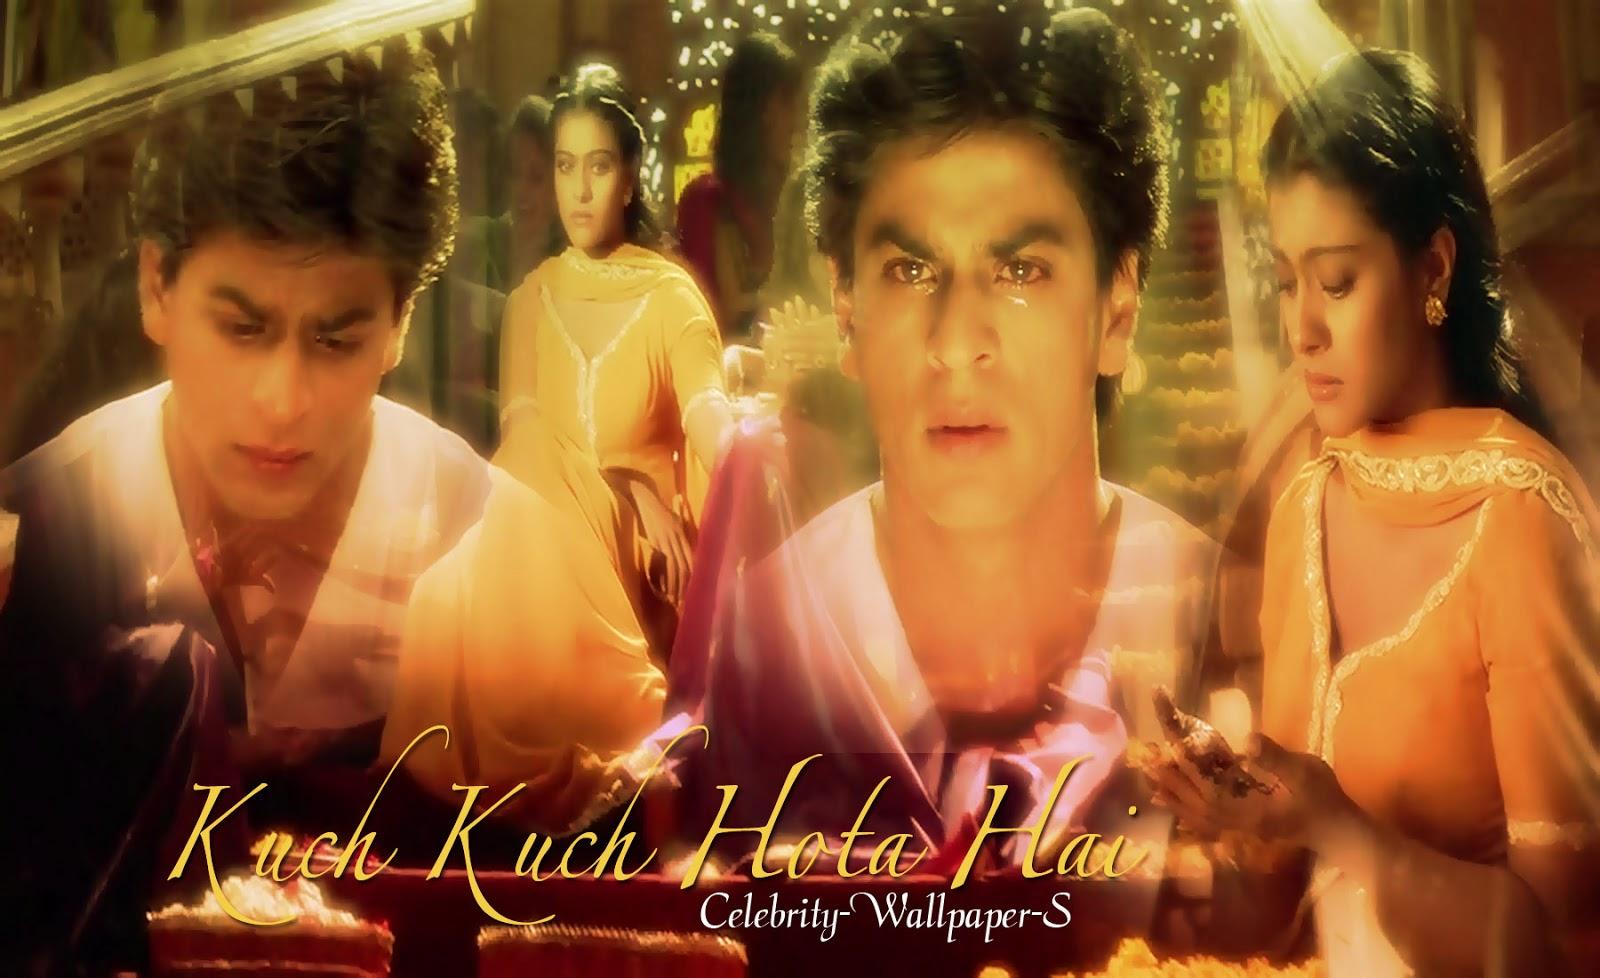 shahrukh khan kajol wallpaper kuch kuch hota hai rahul anjali kkhh